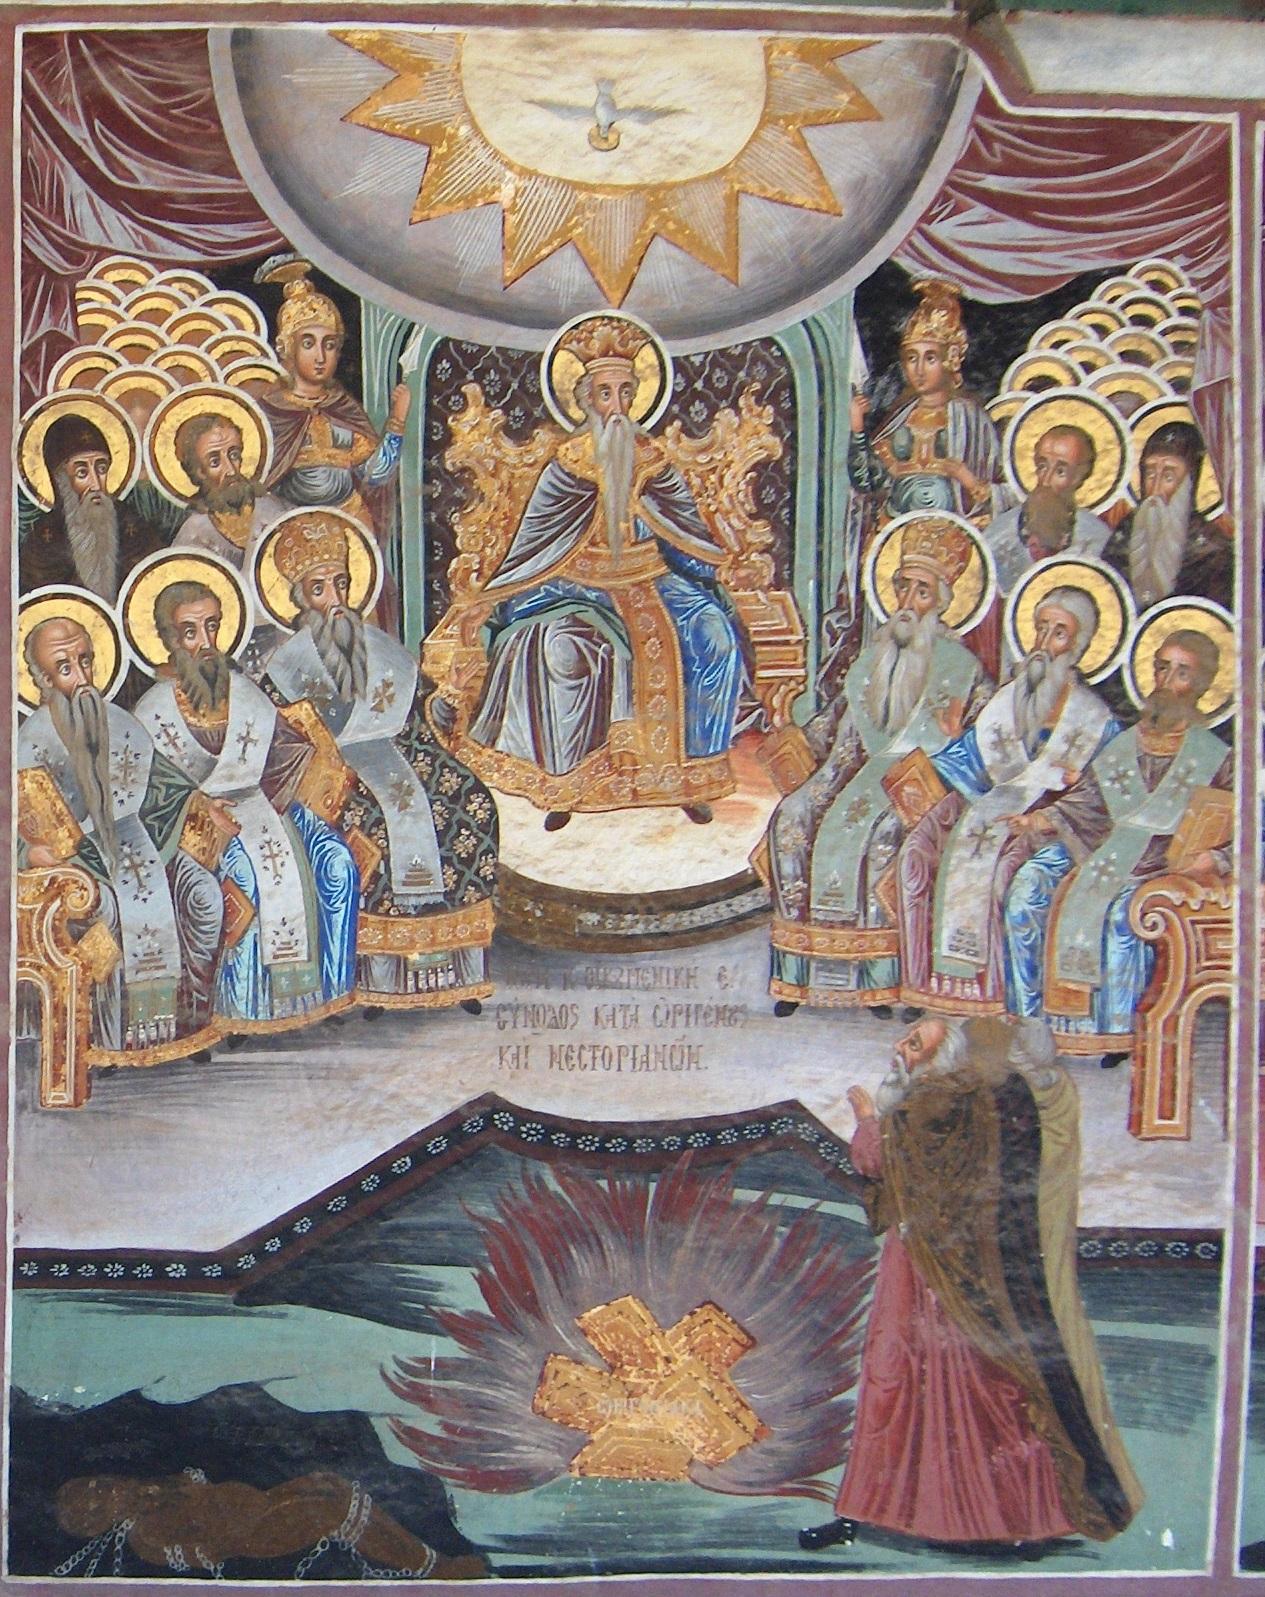 Ορθόδοξος Συναξαριστής :: Άγιοι Εκατόν εξήντα πέντε Πατέρες της Ε' Οικουμενικής  Συνόδου